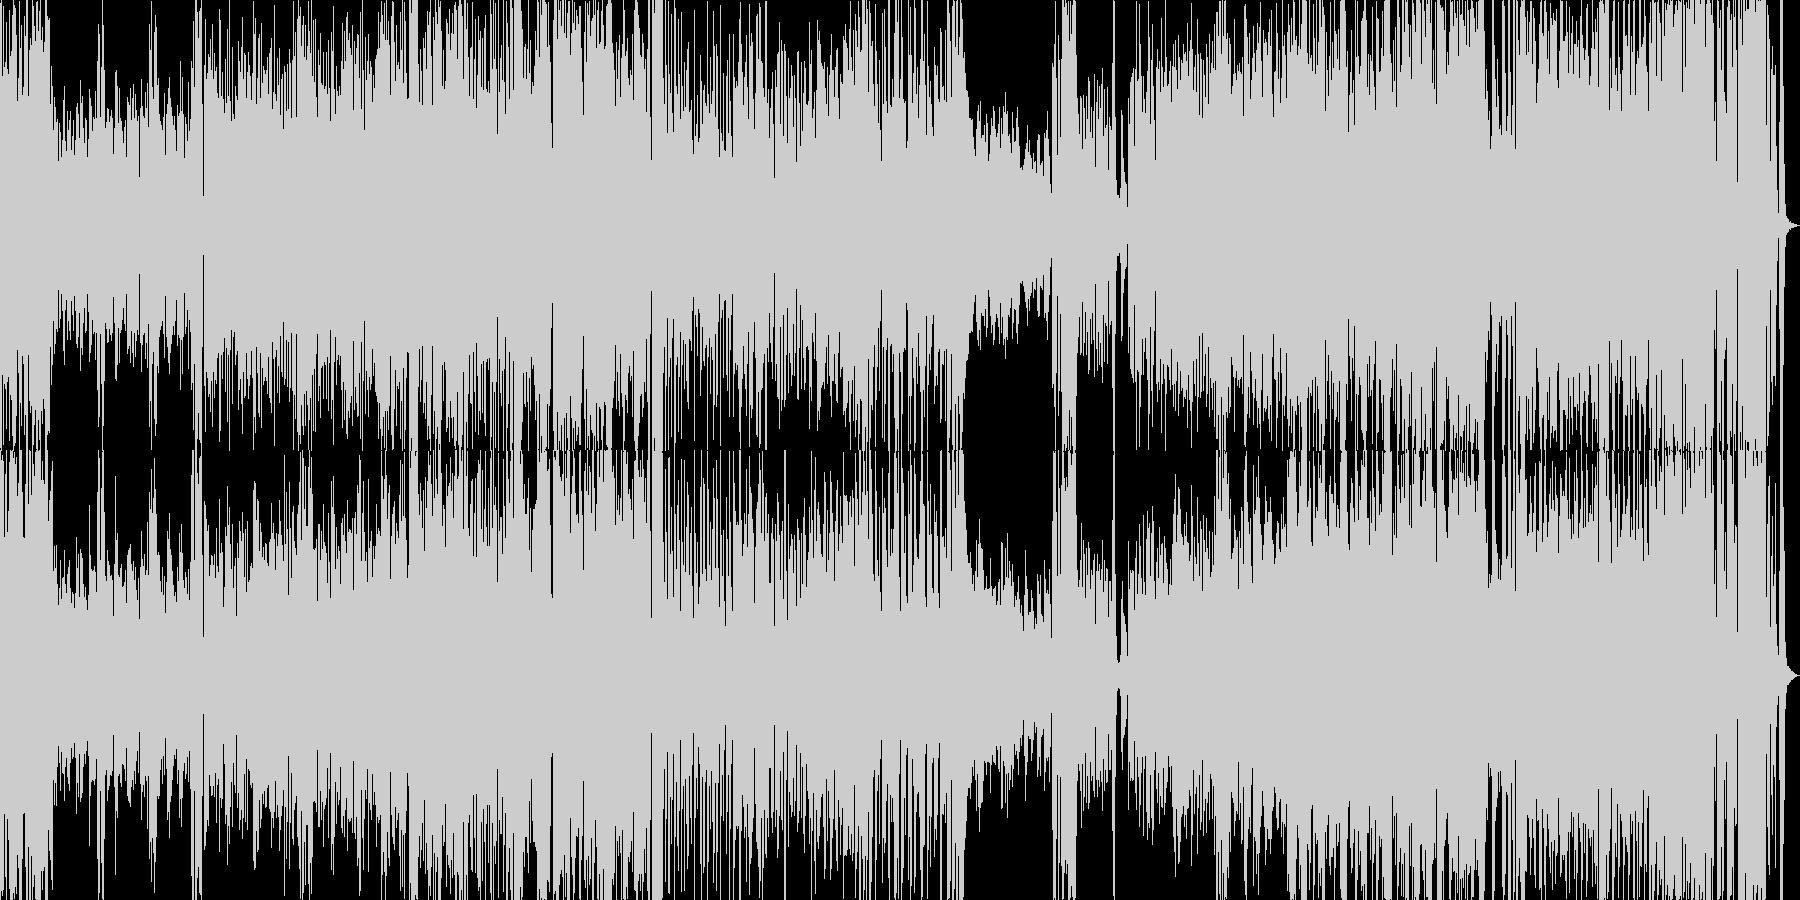 キャバレー風の小編成ビッグバンドジャズの未再生の波形